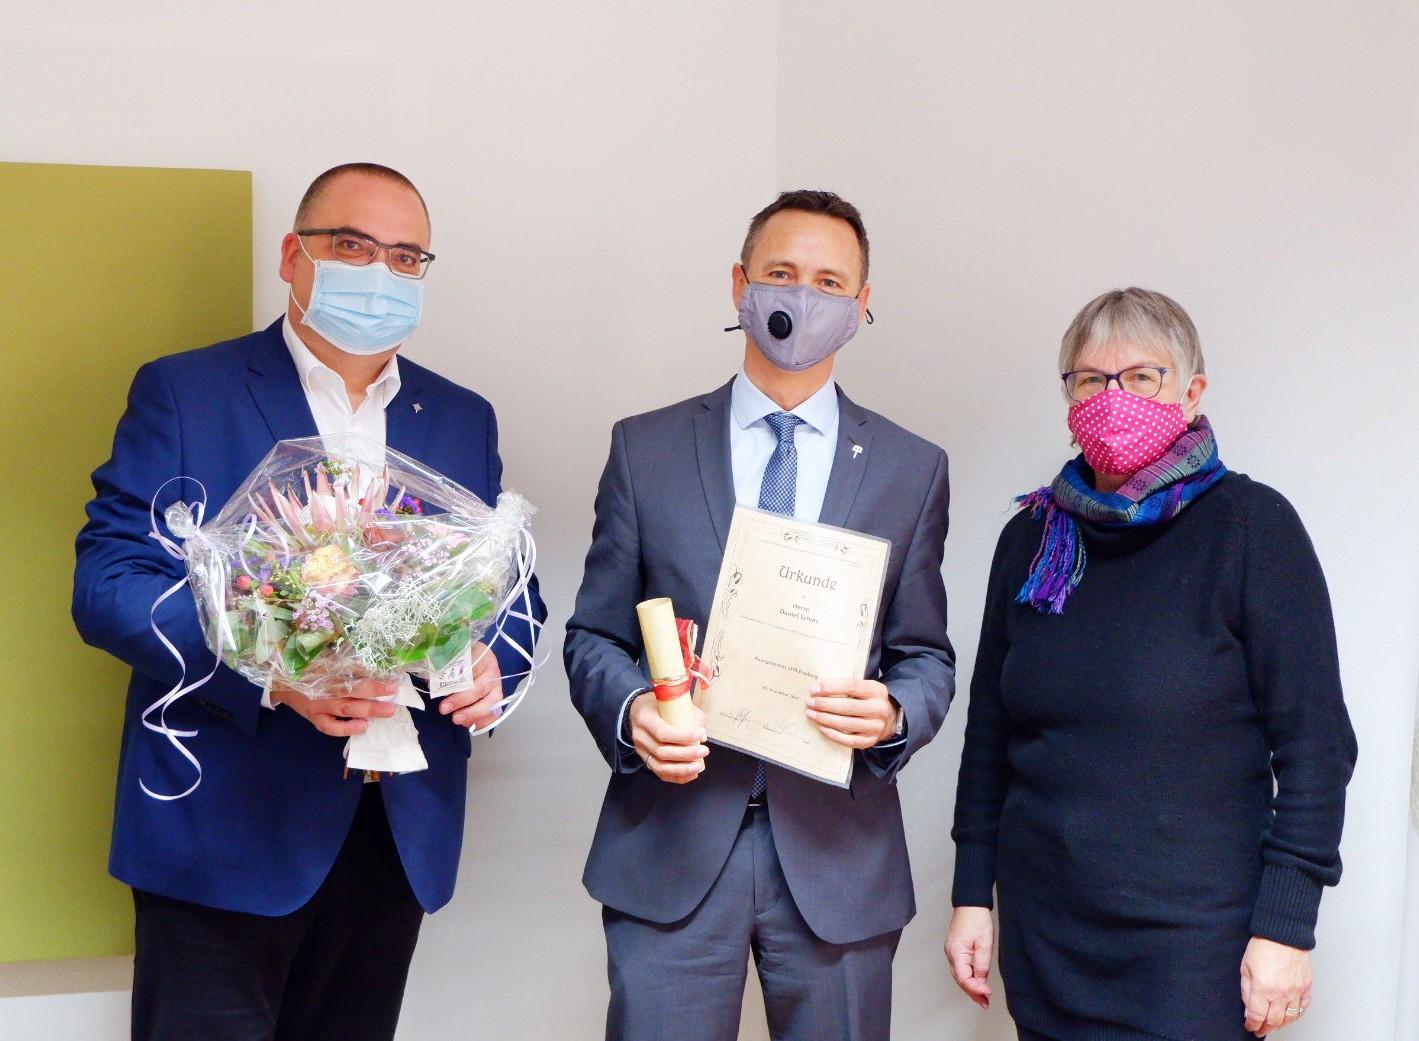 (v.l.n.r) Vorstand Carsten Jacknau, kaufm. Direktor Daniel Schies und Pfarrerin Ulrike Oehler